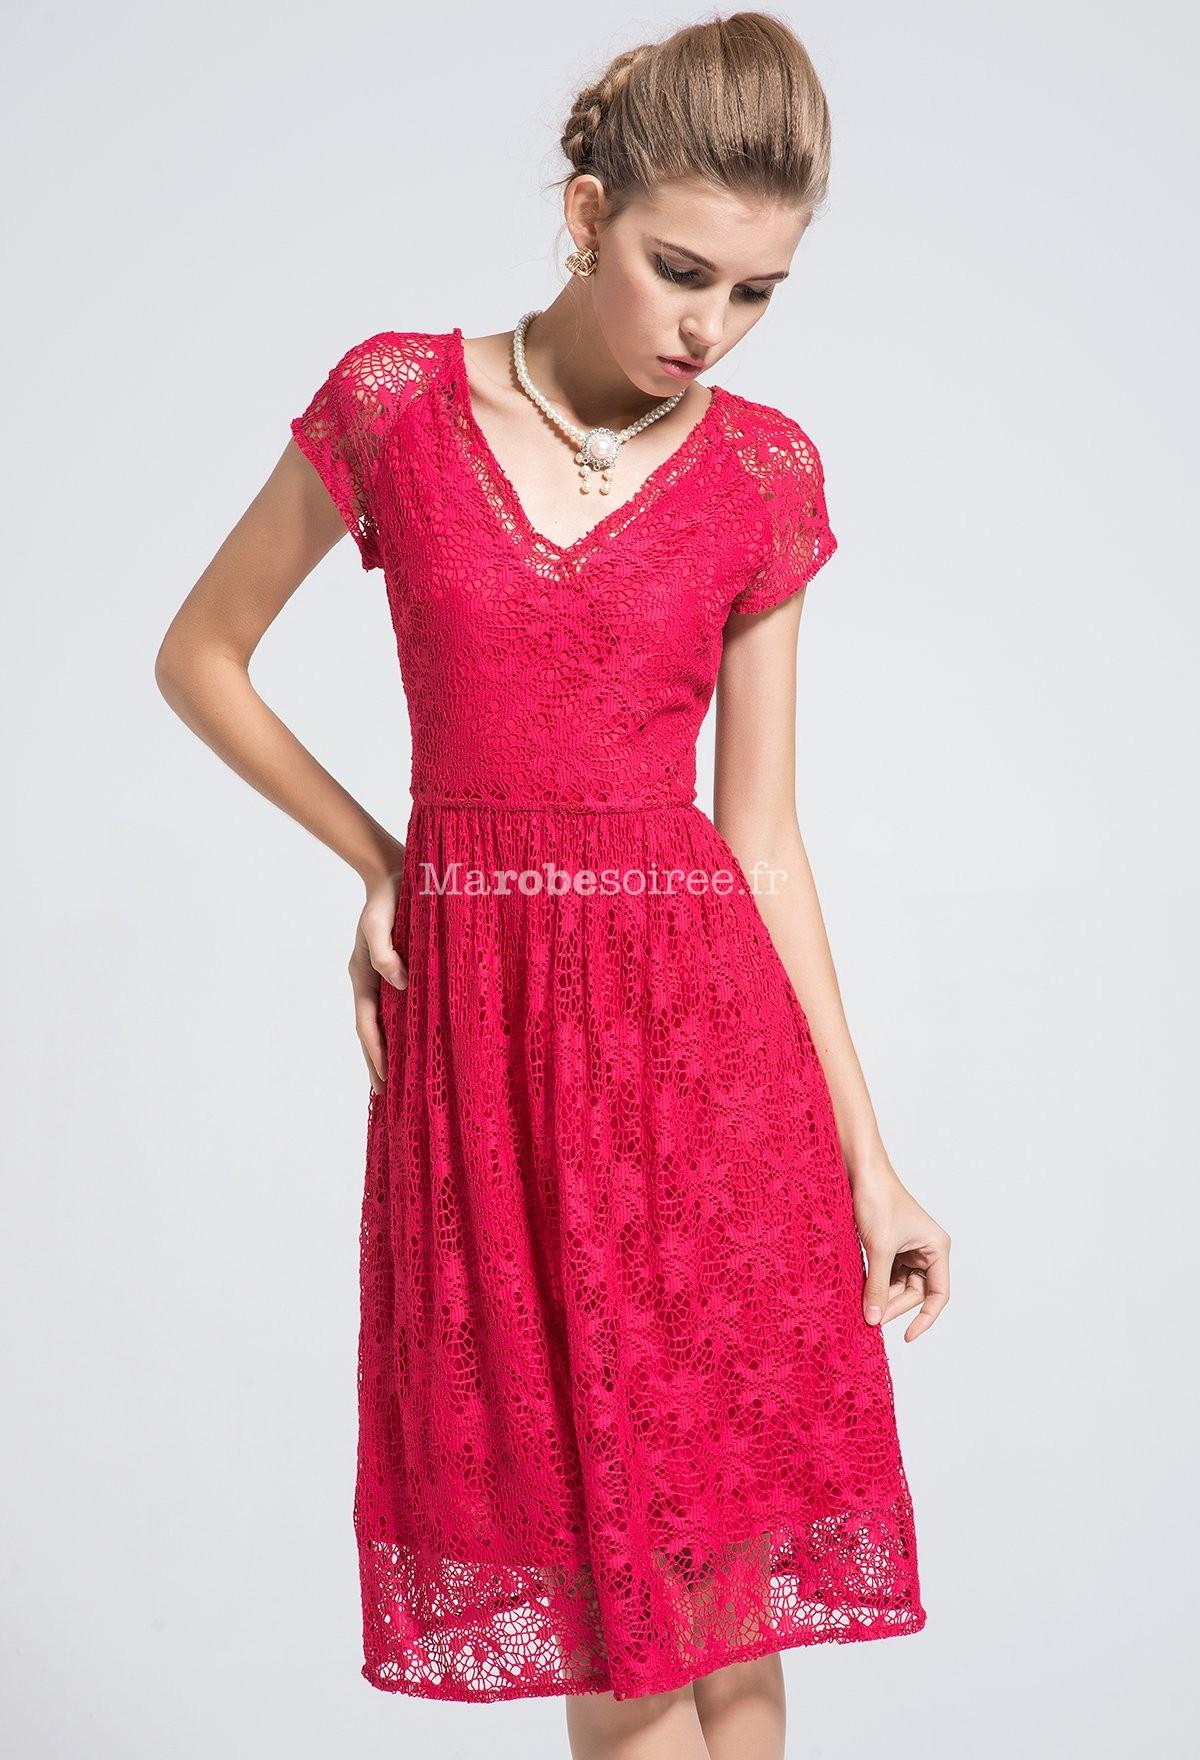 robe en dentelle rouge avec col en v et manches. Black Bedroom Furniture Sets. Home Design Ideas